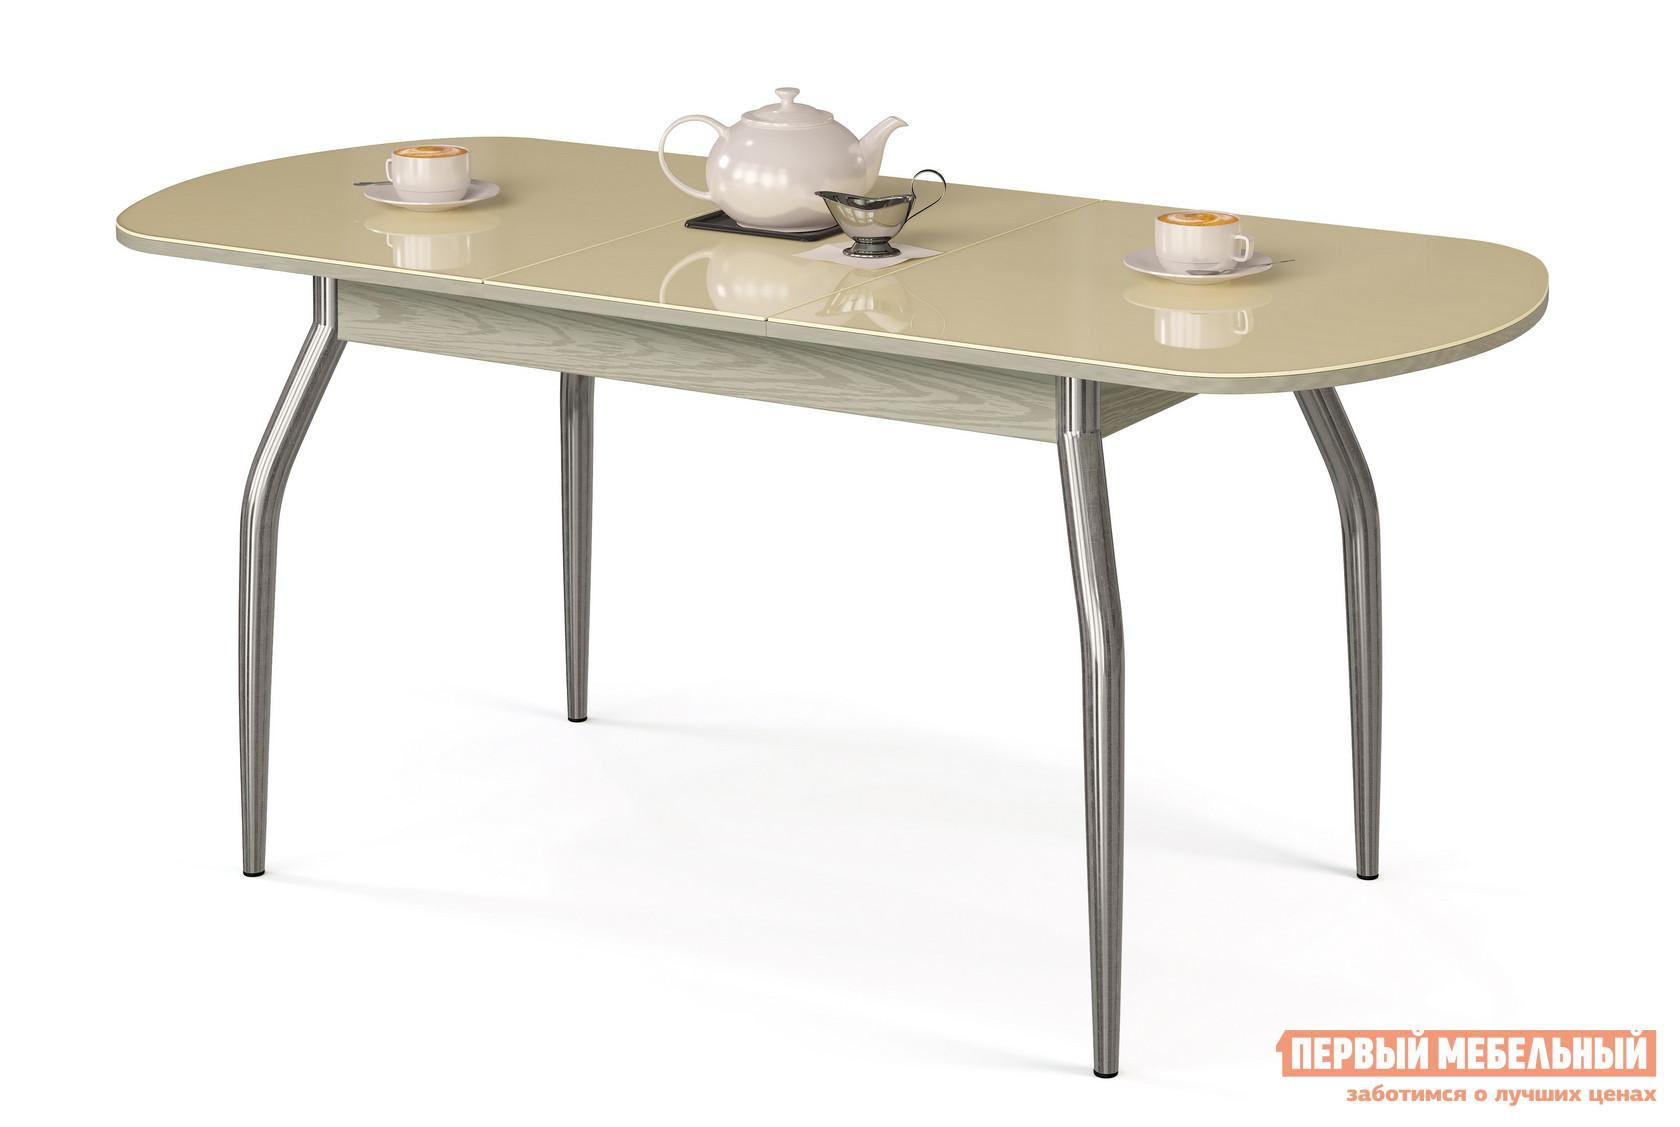 Кухонный стол МегаЭлатон Сиена-Стекло Бежевый, Дуб швейцарский